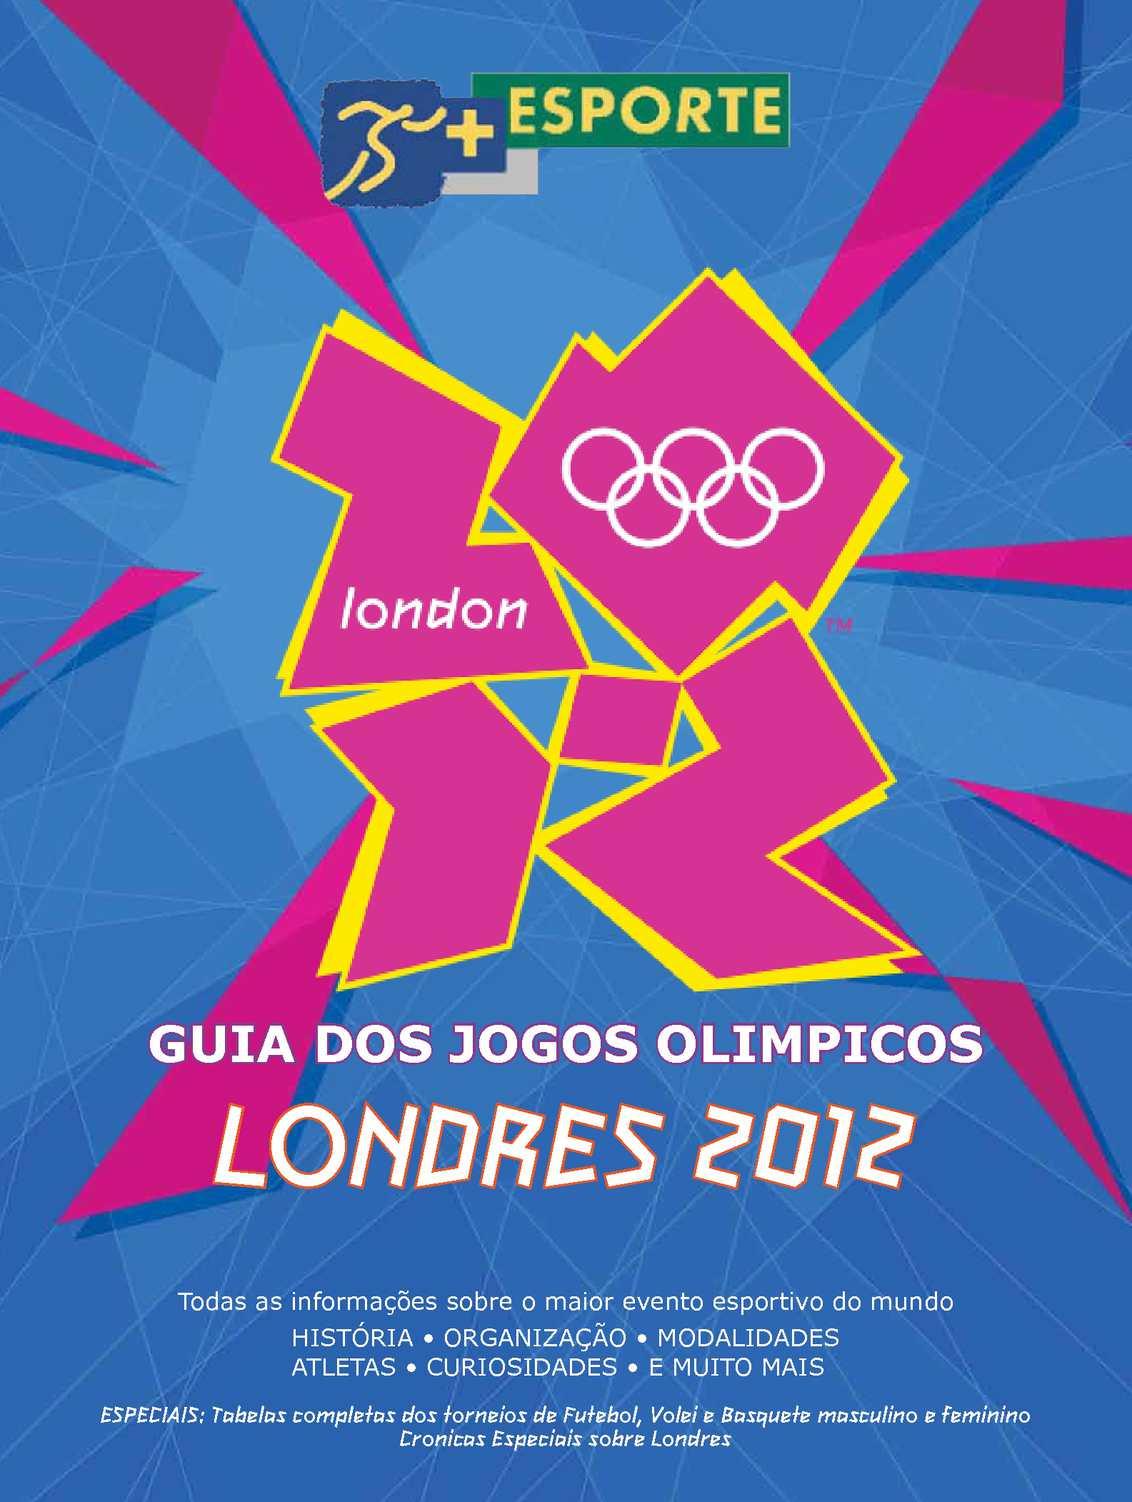 Calaméo - Guia +Esporte Jogos Olímpicos Londres 2012 d031940ed6